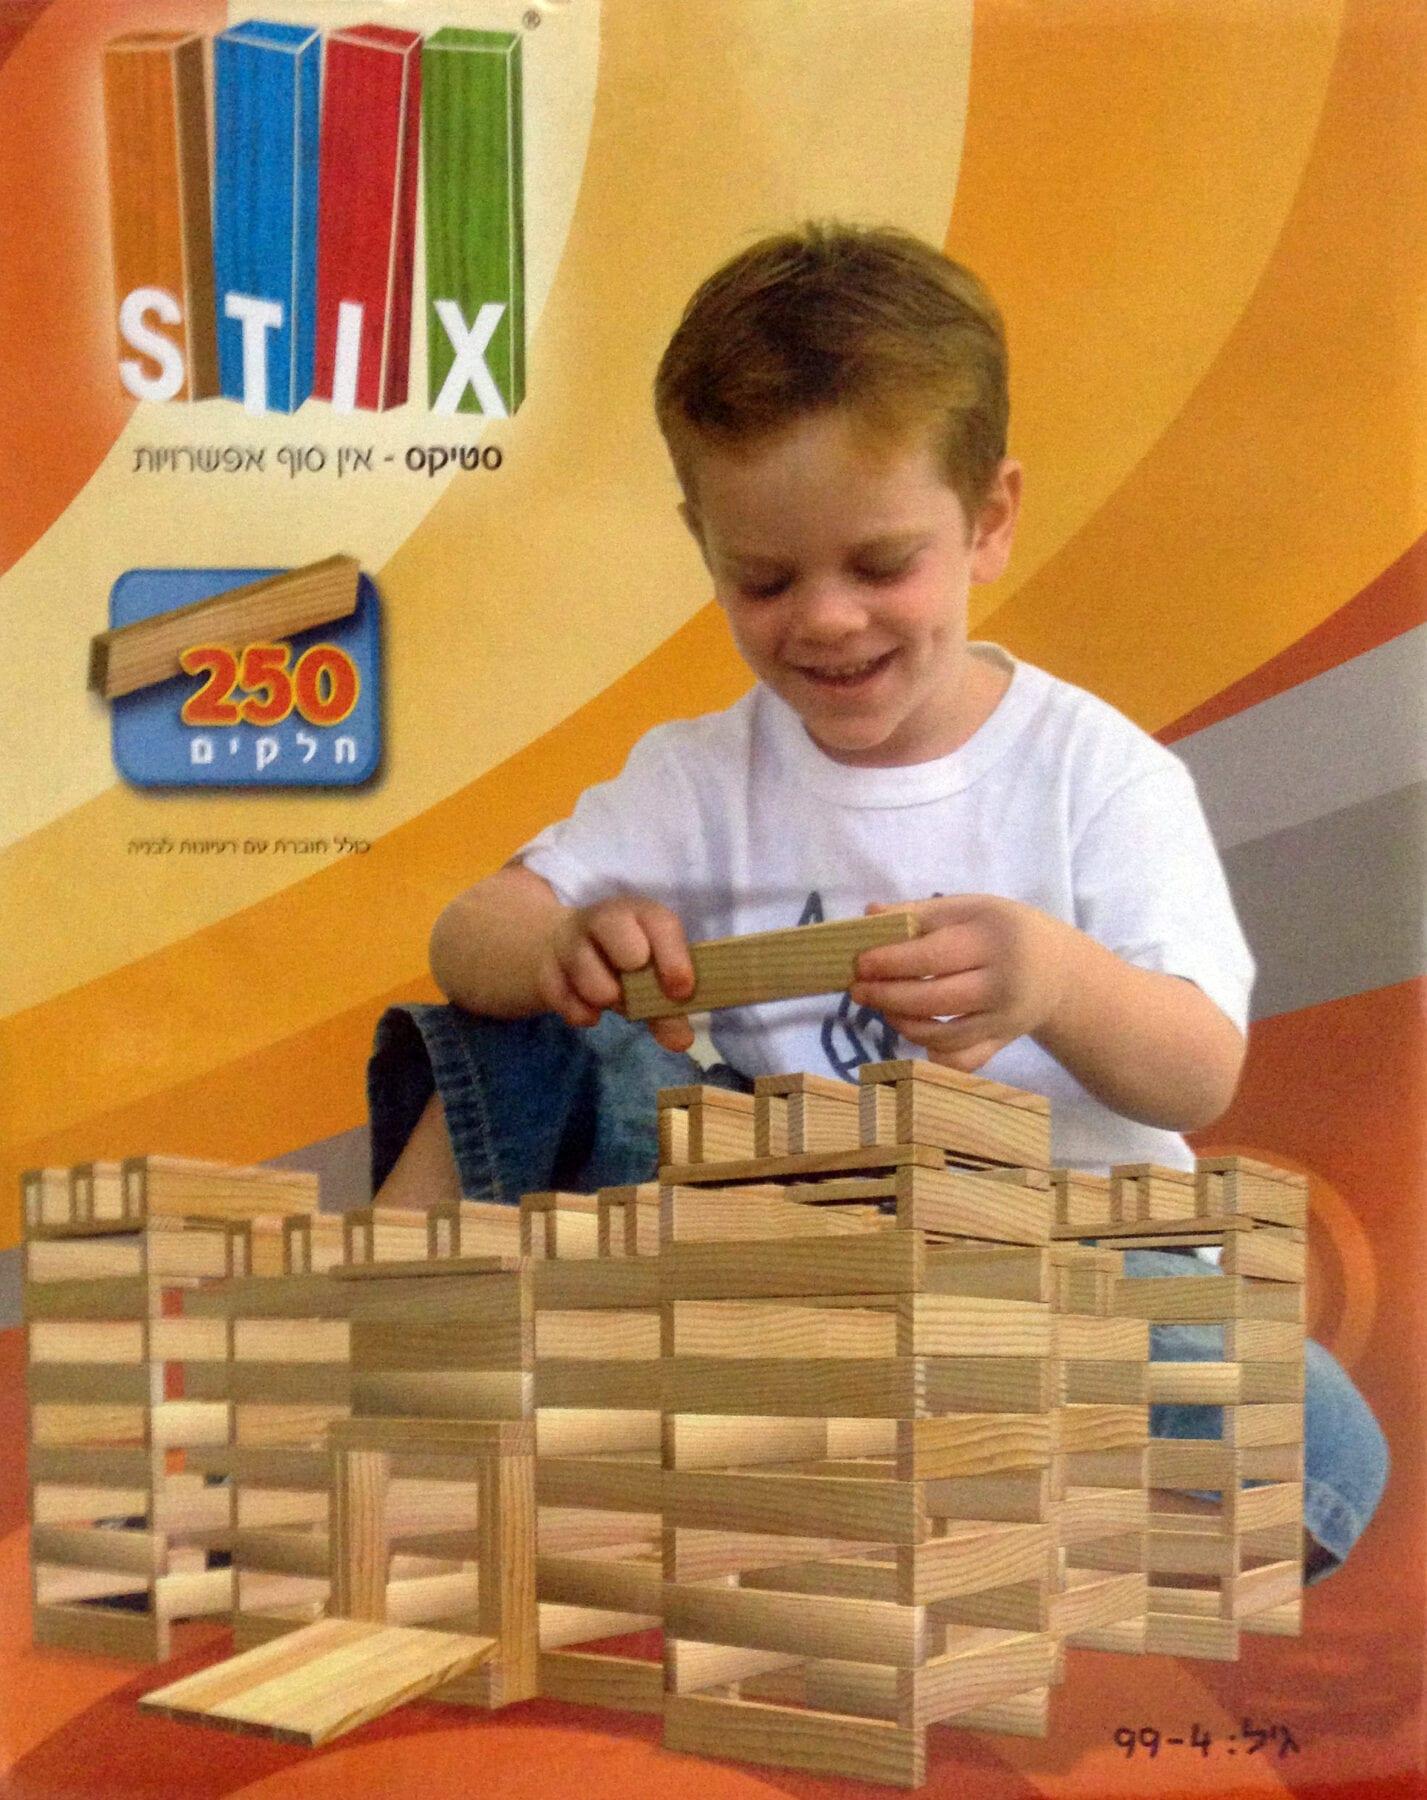 7345סטיקס אין סוף אפשרויות – משחק הרכבה -250 חלקים